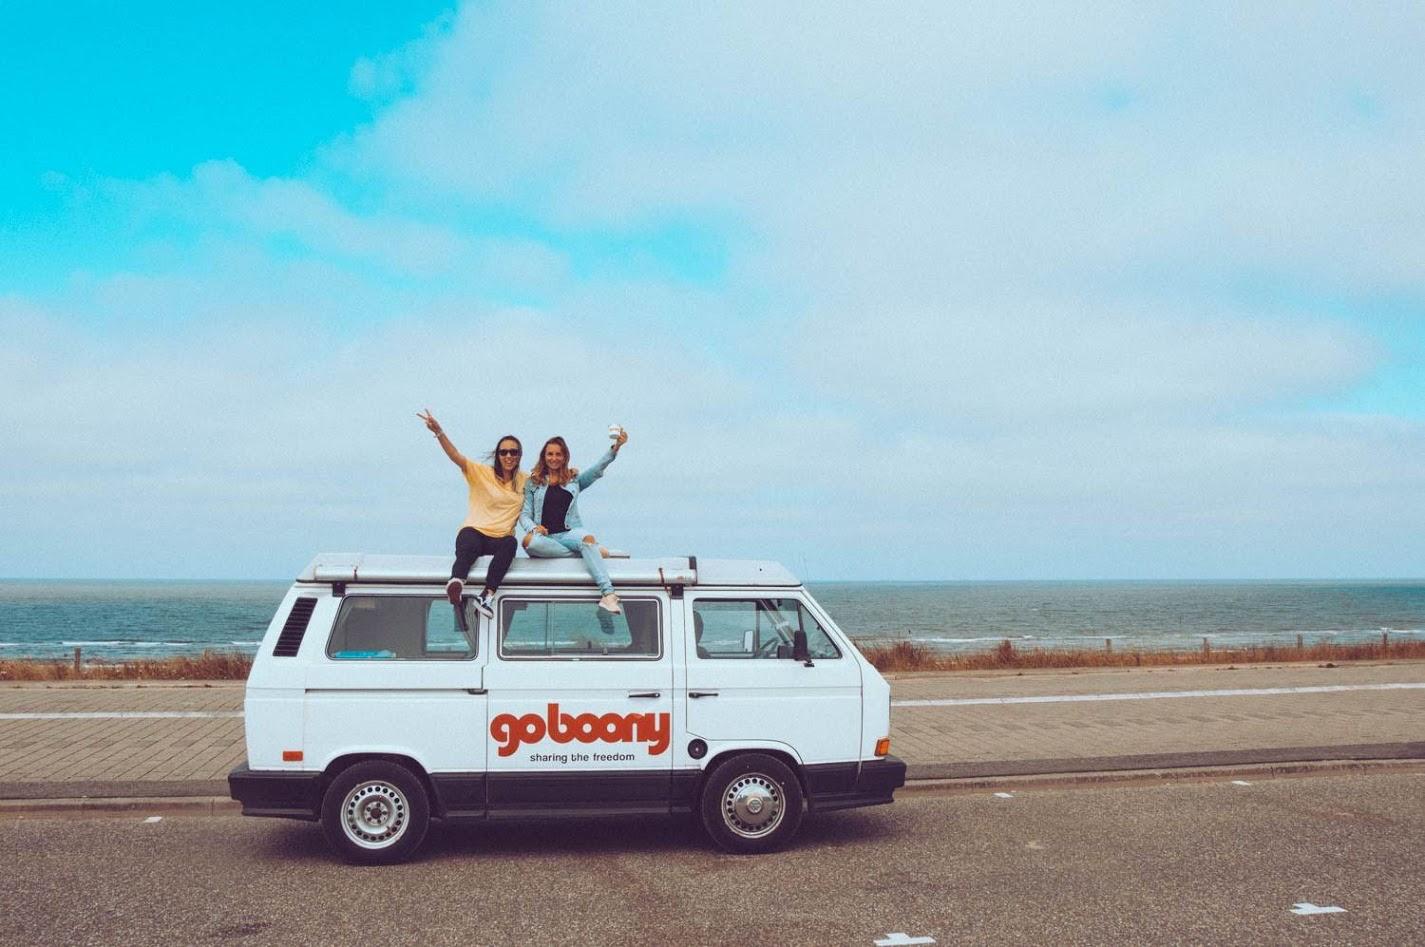 zwei junge Mädchen auf einem Wohnmobil